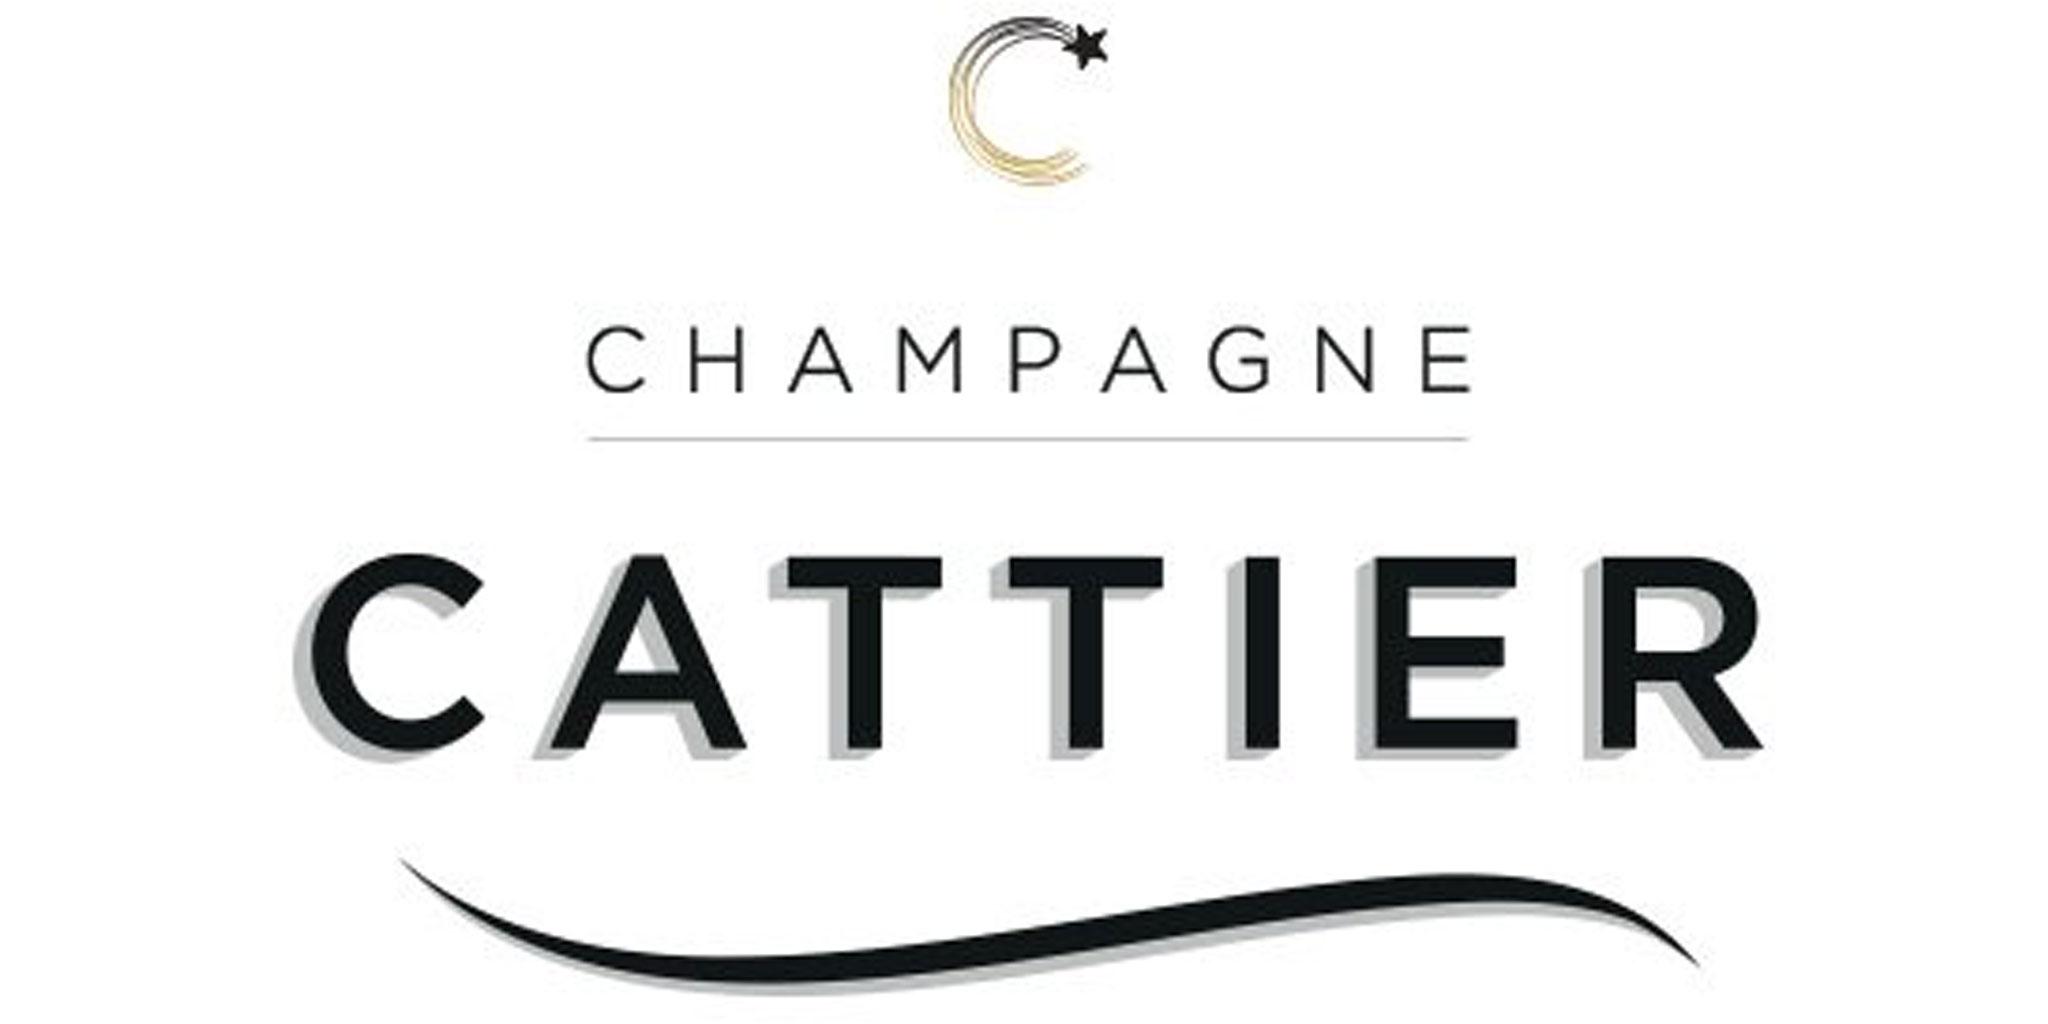 Cattier champagne logo